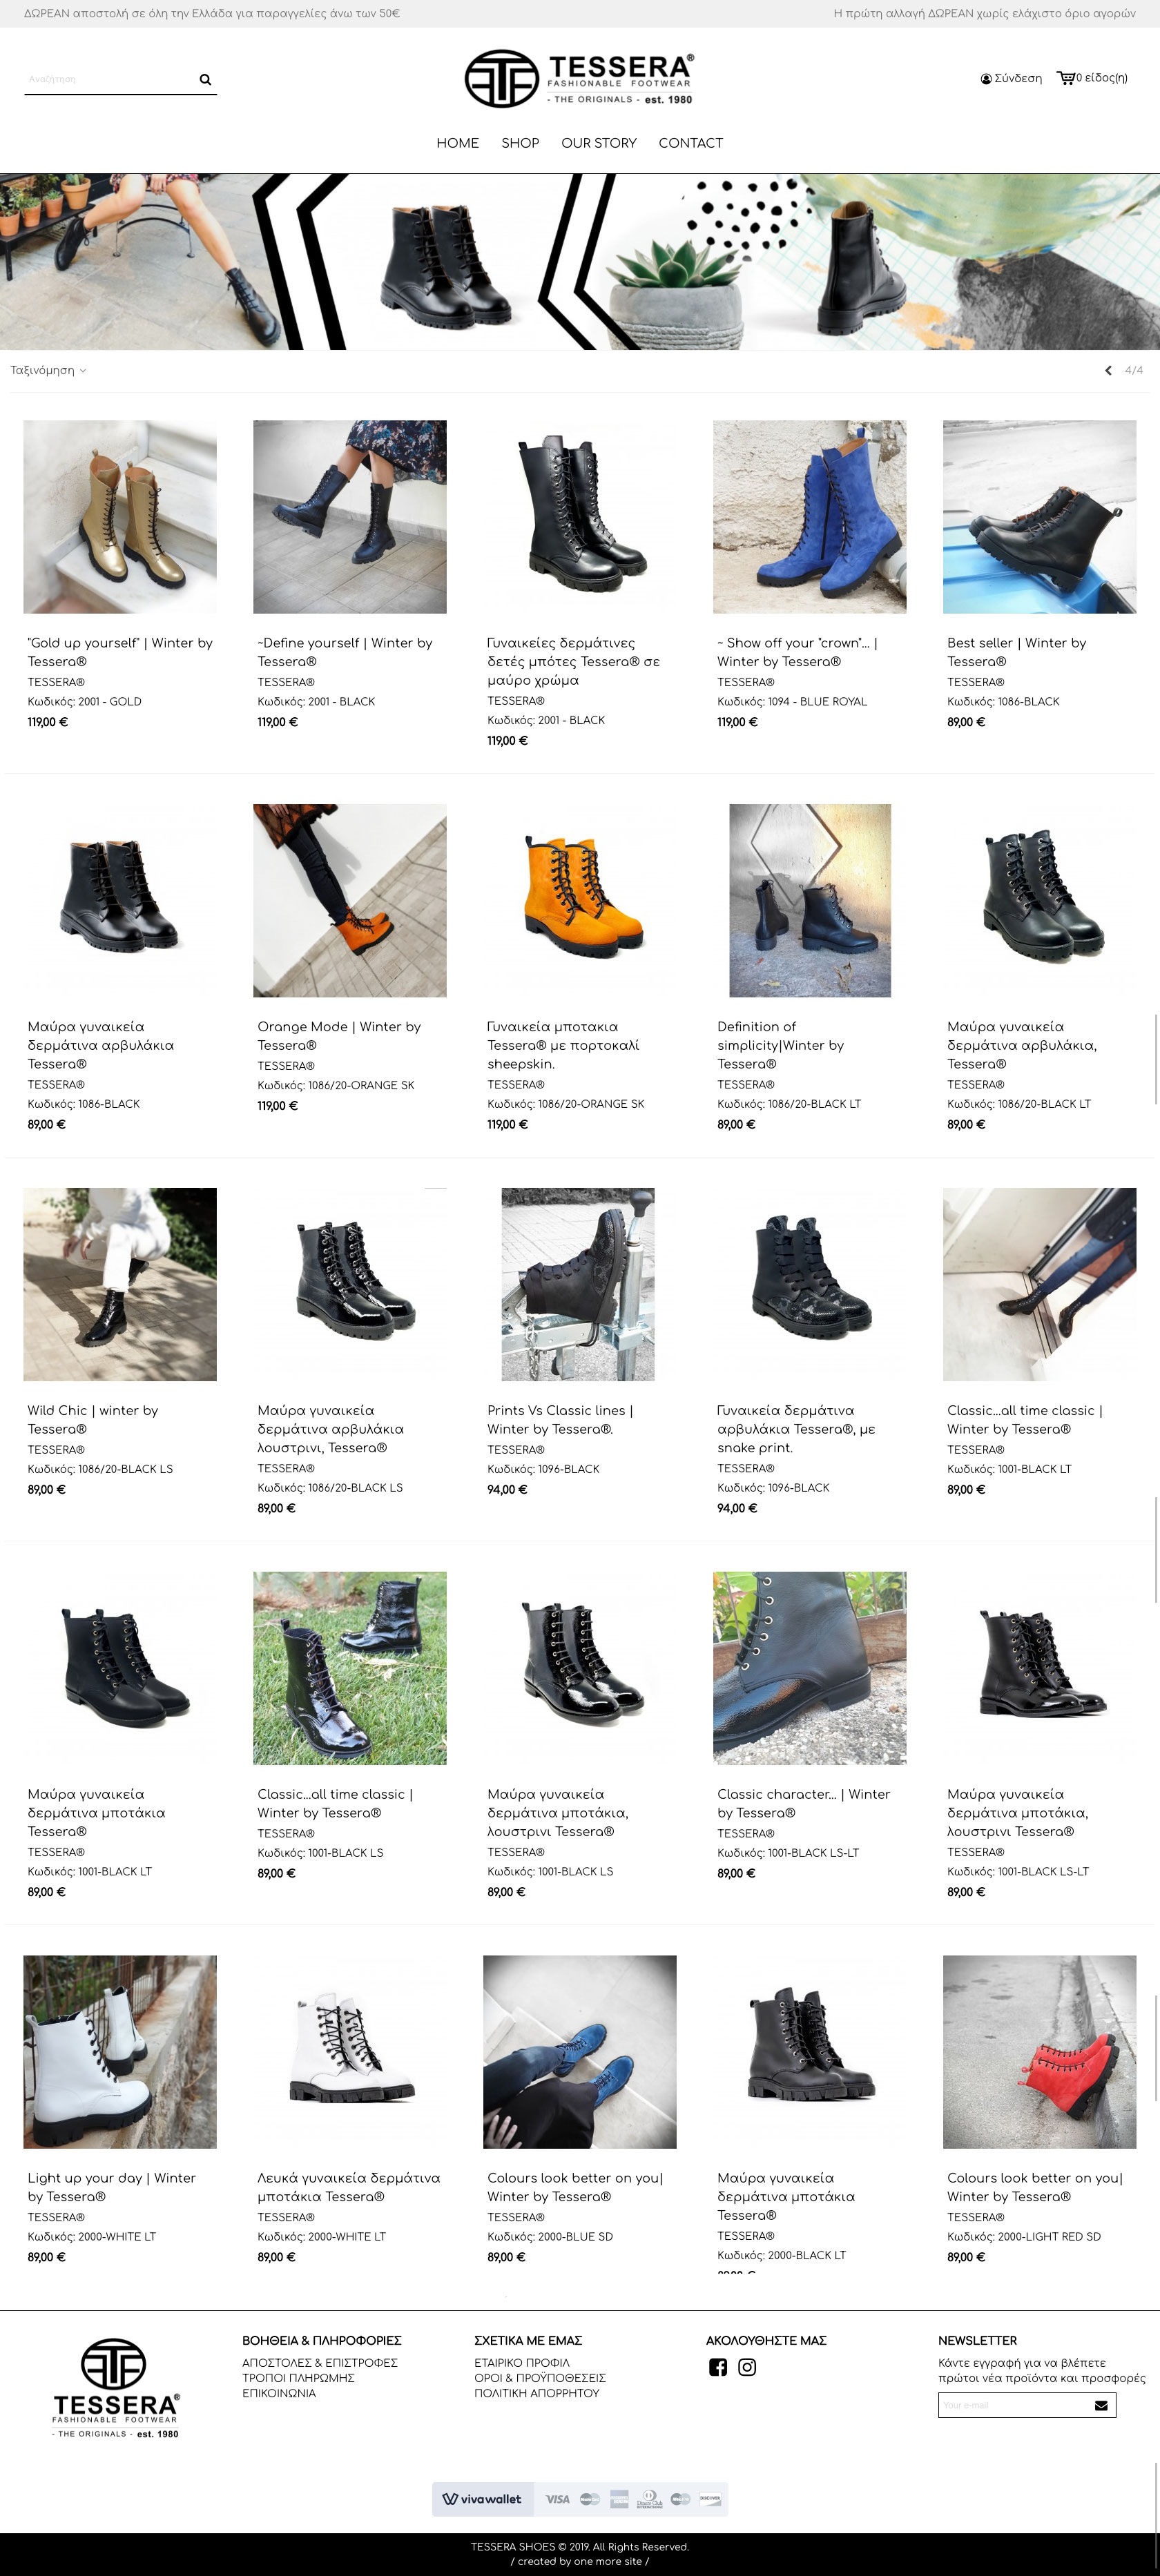 tesserafootwear.com-scr-2